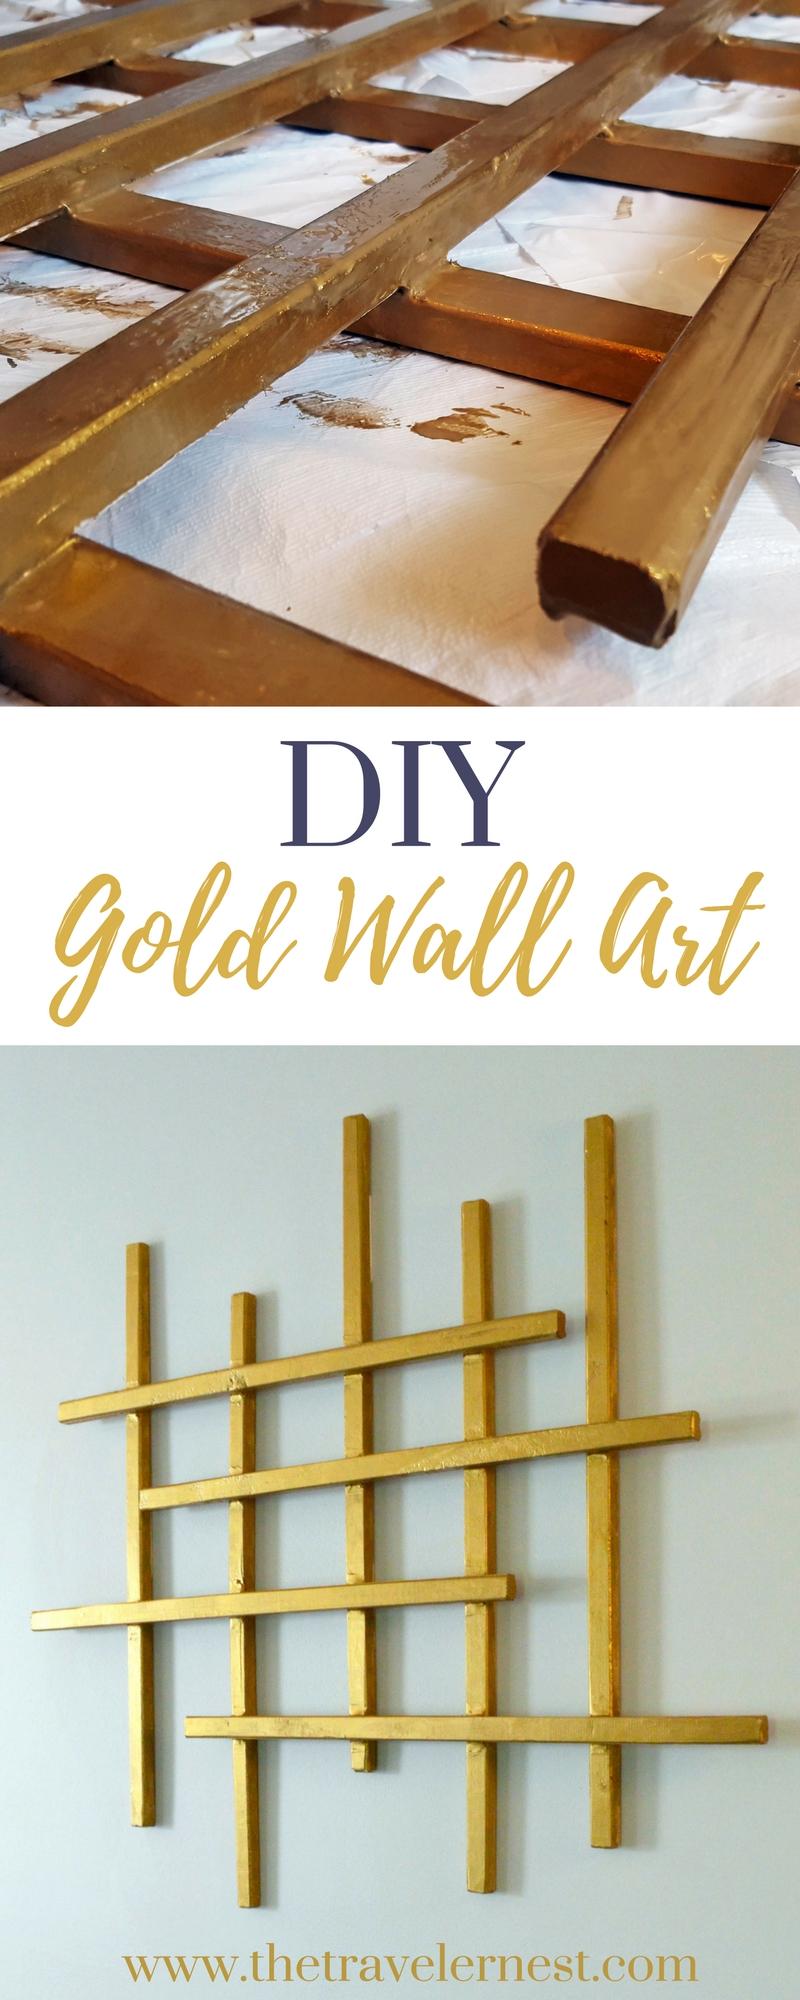 Gold Wall Decor Diy : Diy gold wall art the traveler s nest